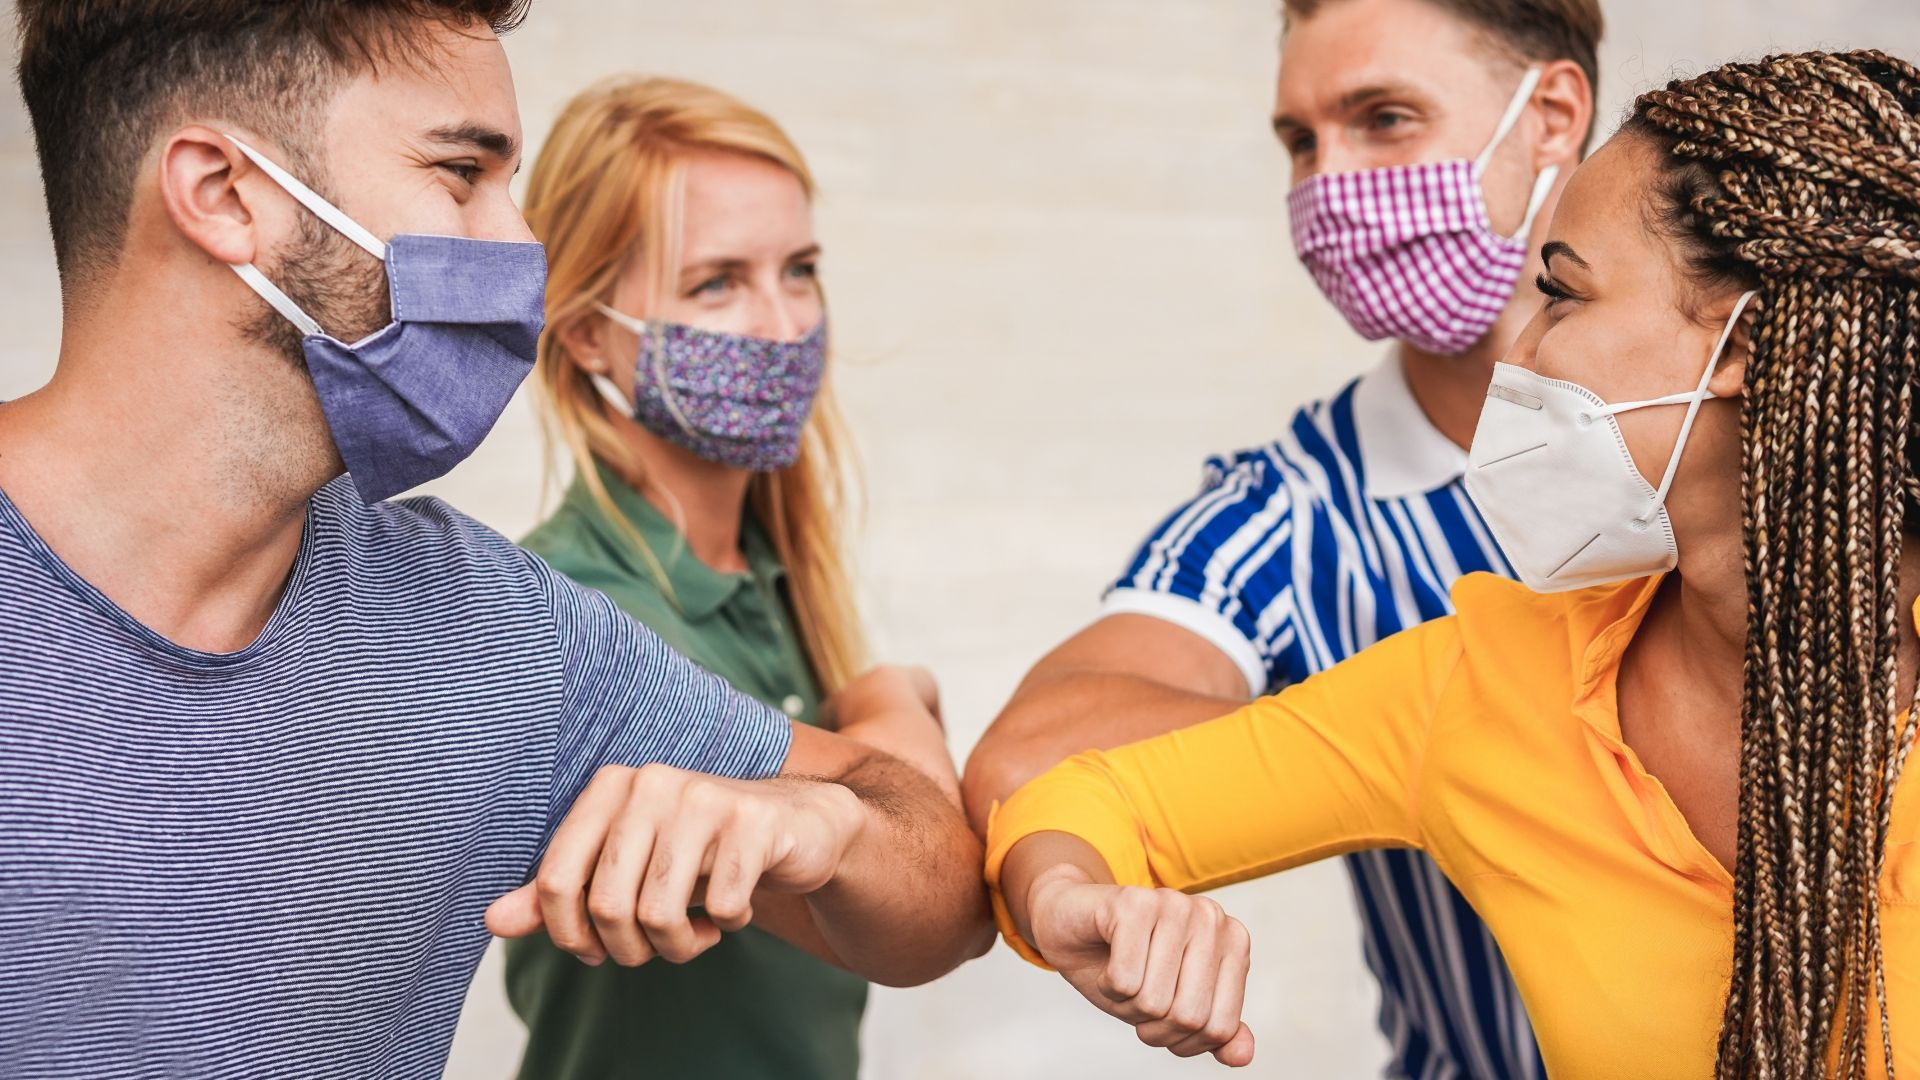 Галъп: Повече коронавирус, но и по-малко страх